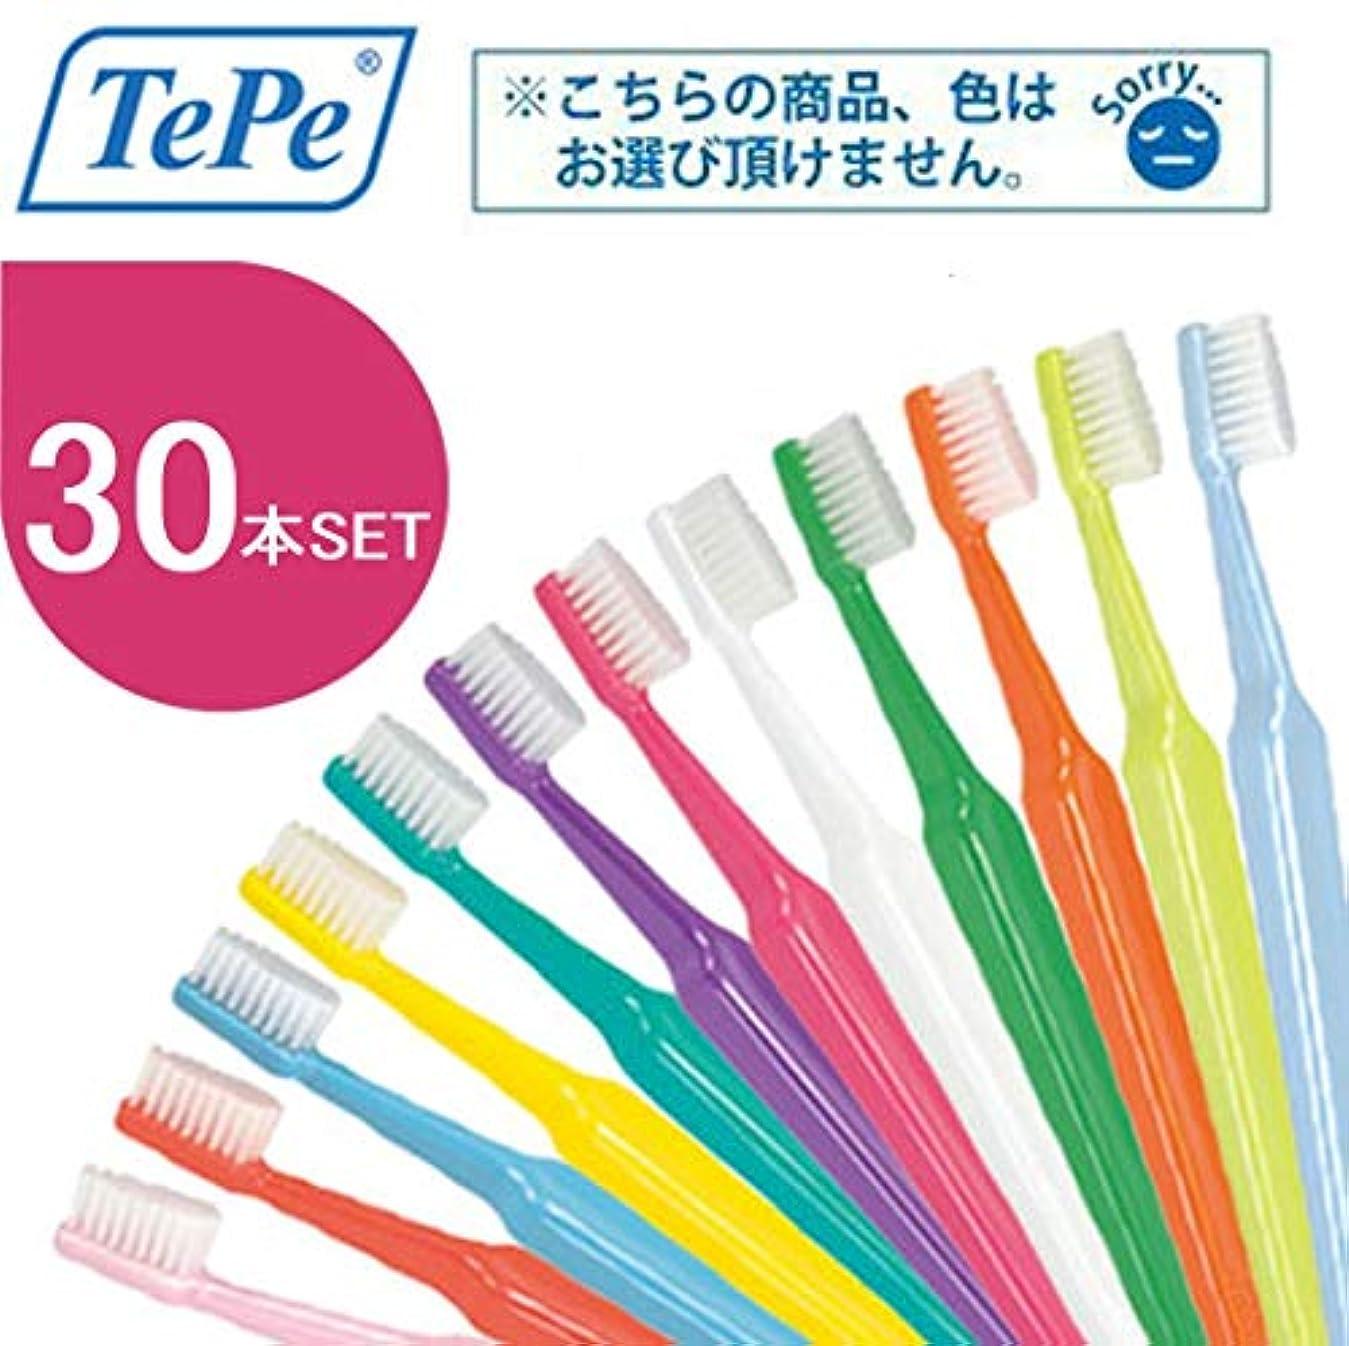 判定引き受ける起点クロスフィールド TePe テペ セレクト 歯ブラシ 30本 (ソフト)